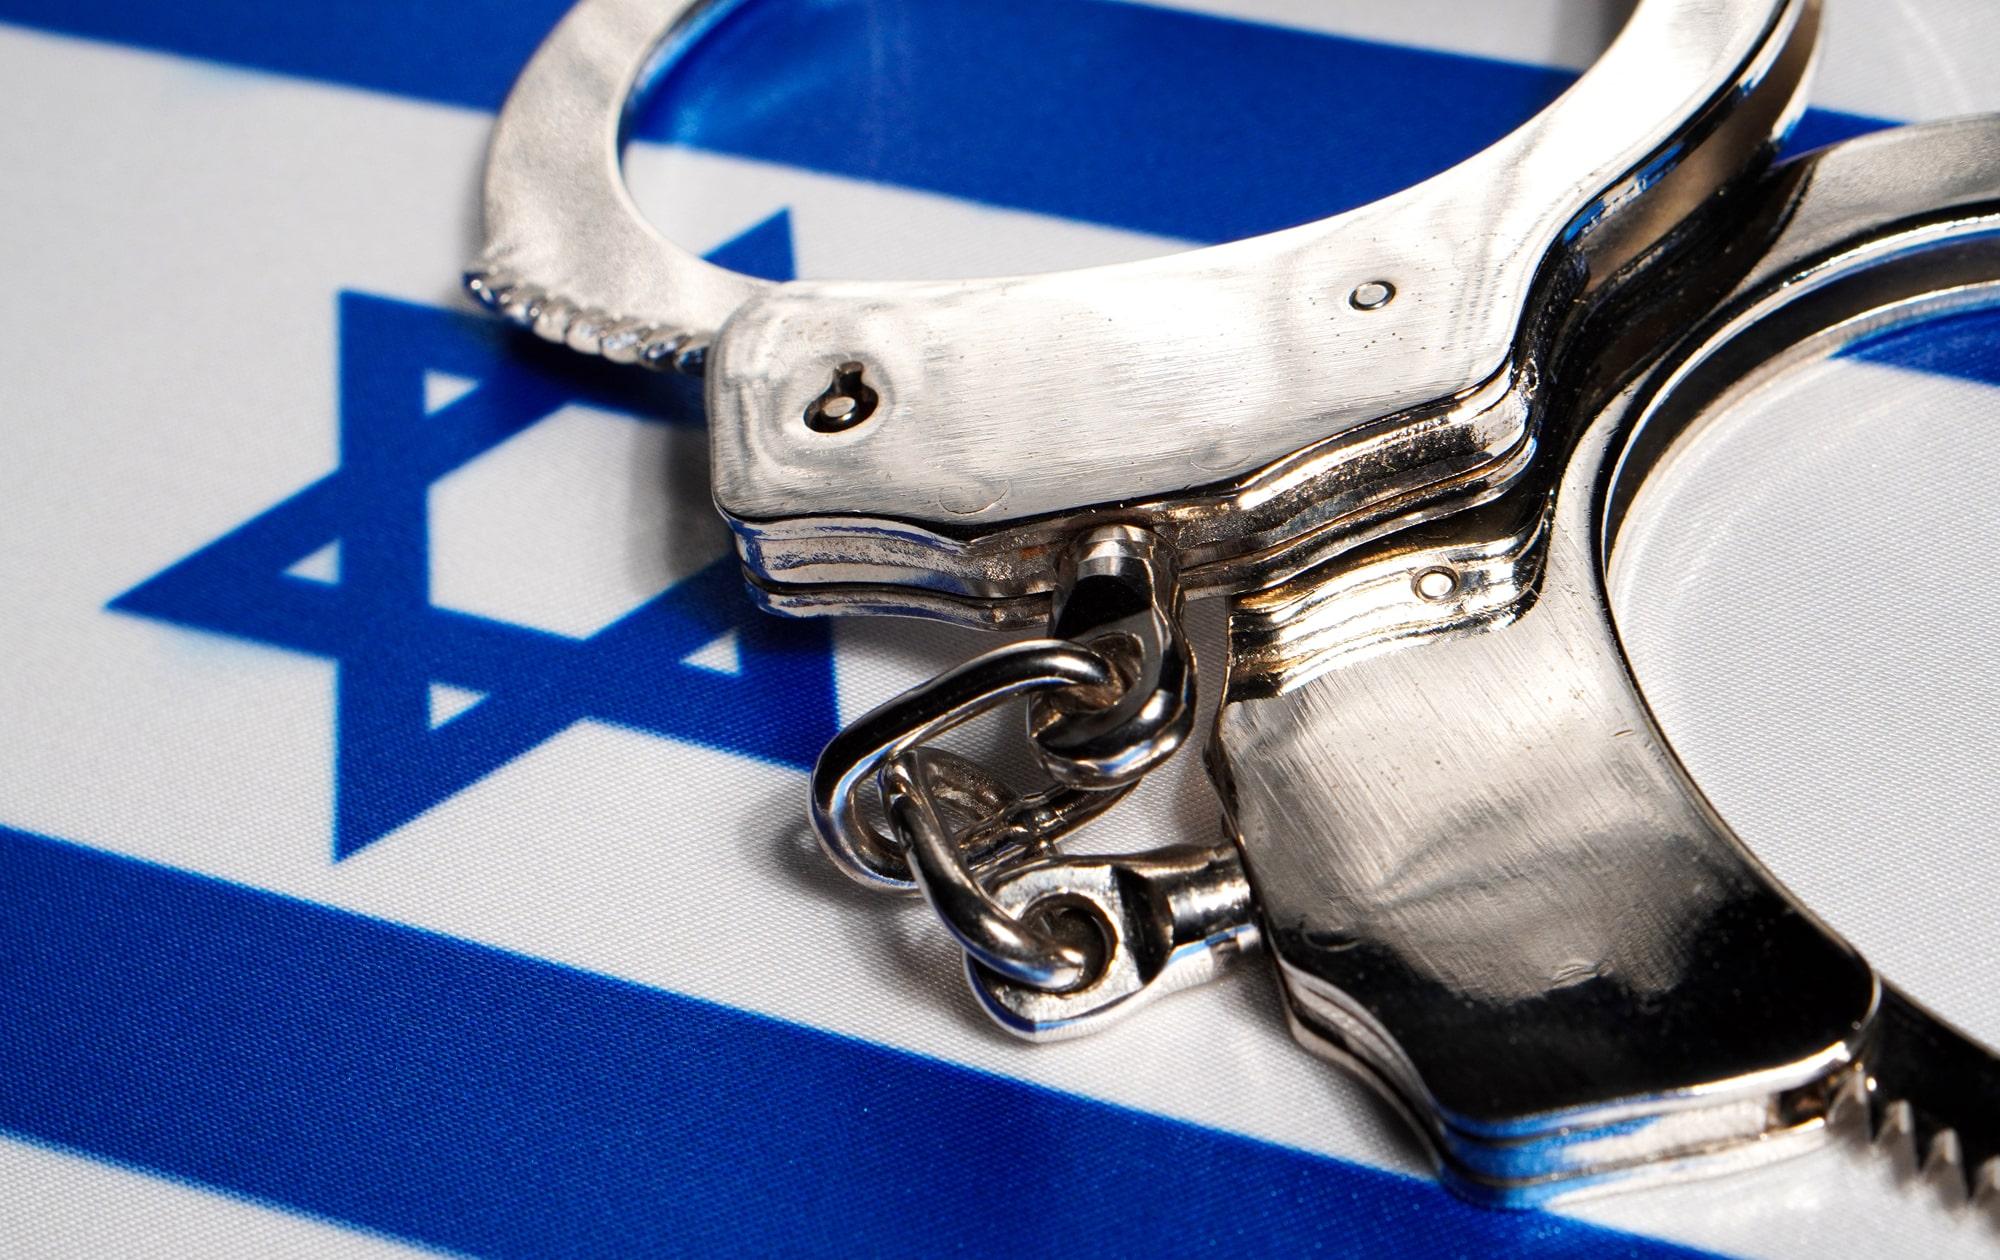 סגירת תיק פלילי ללקוח שהואשם בהונאת מוסד אקדמי מוכר